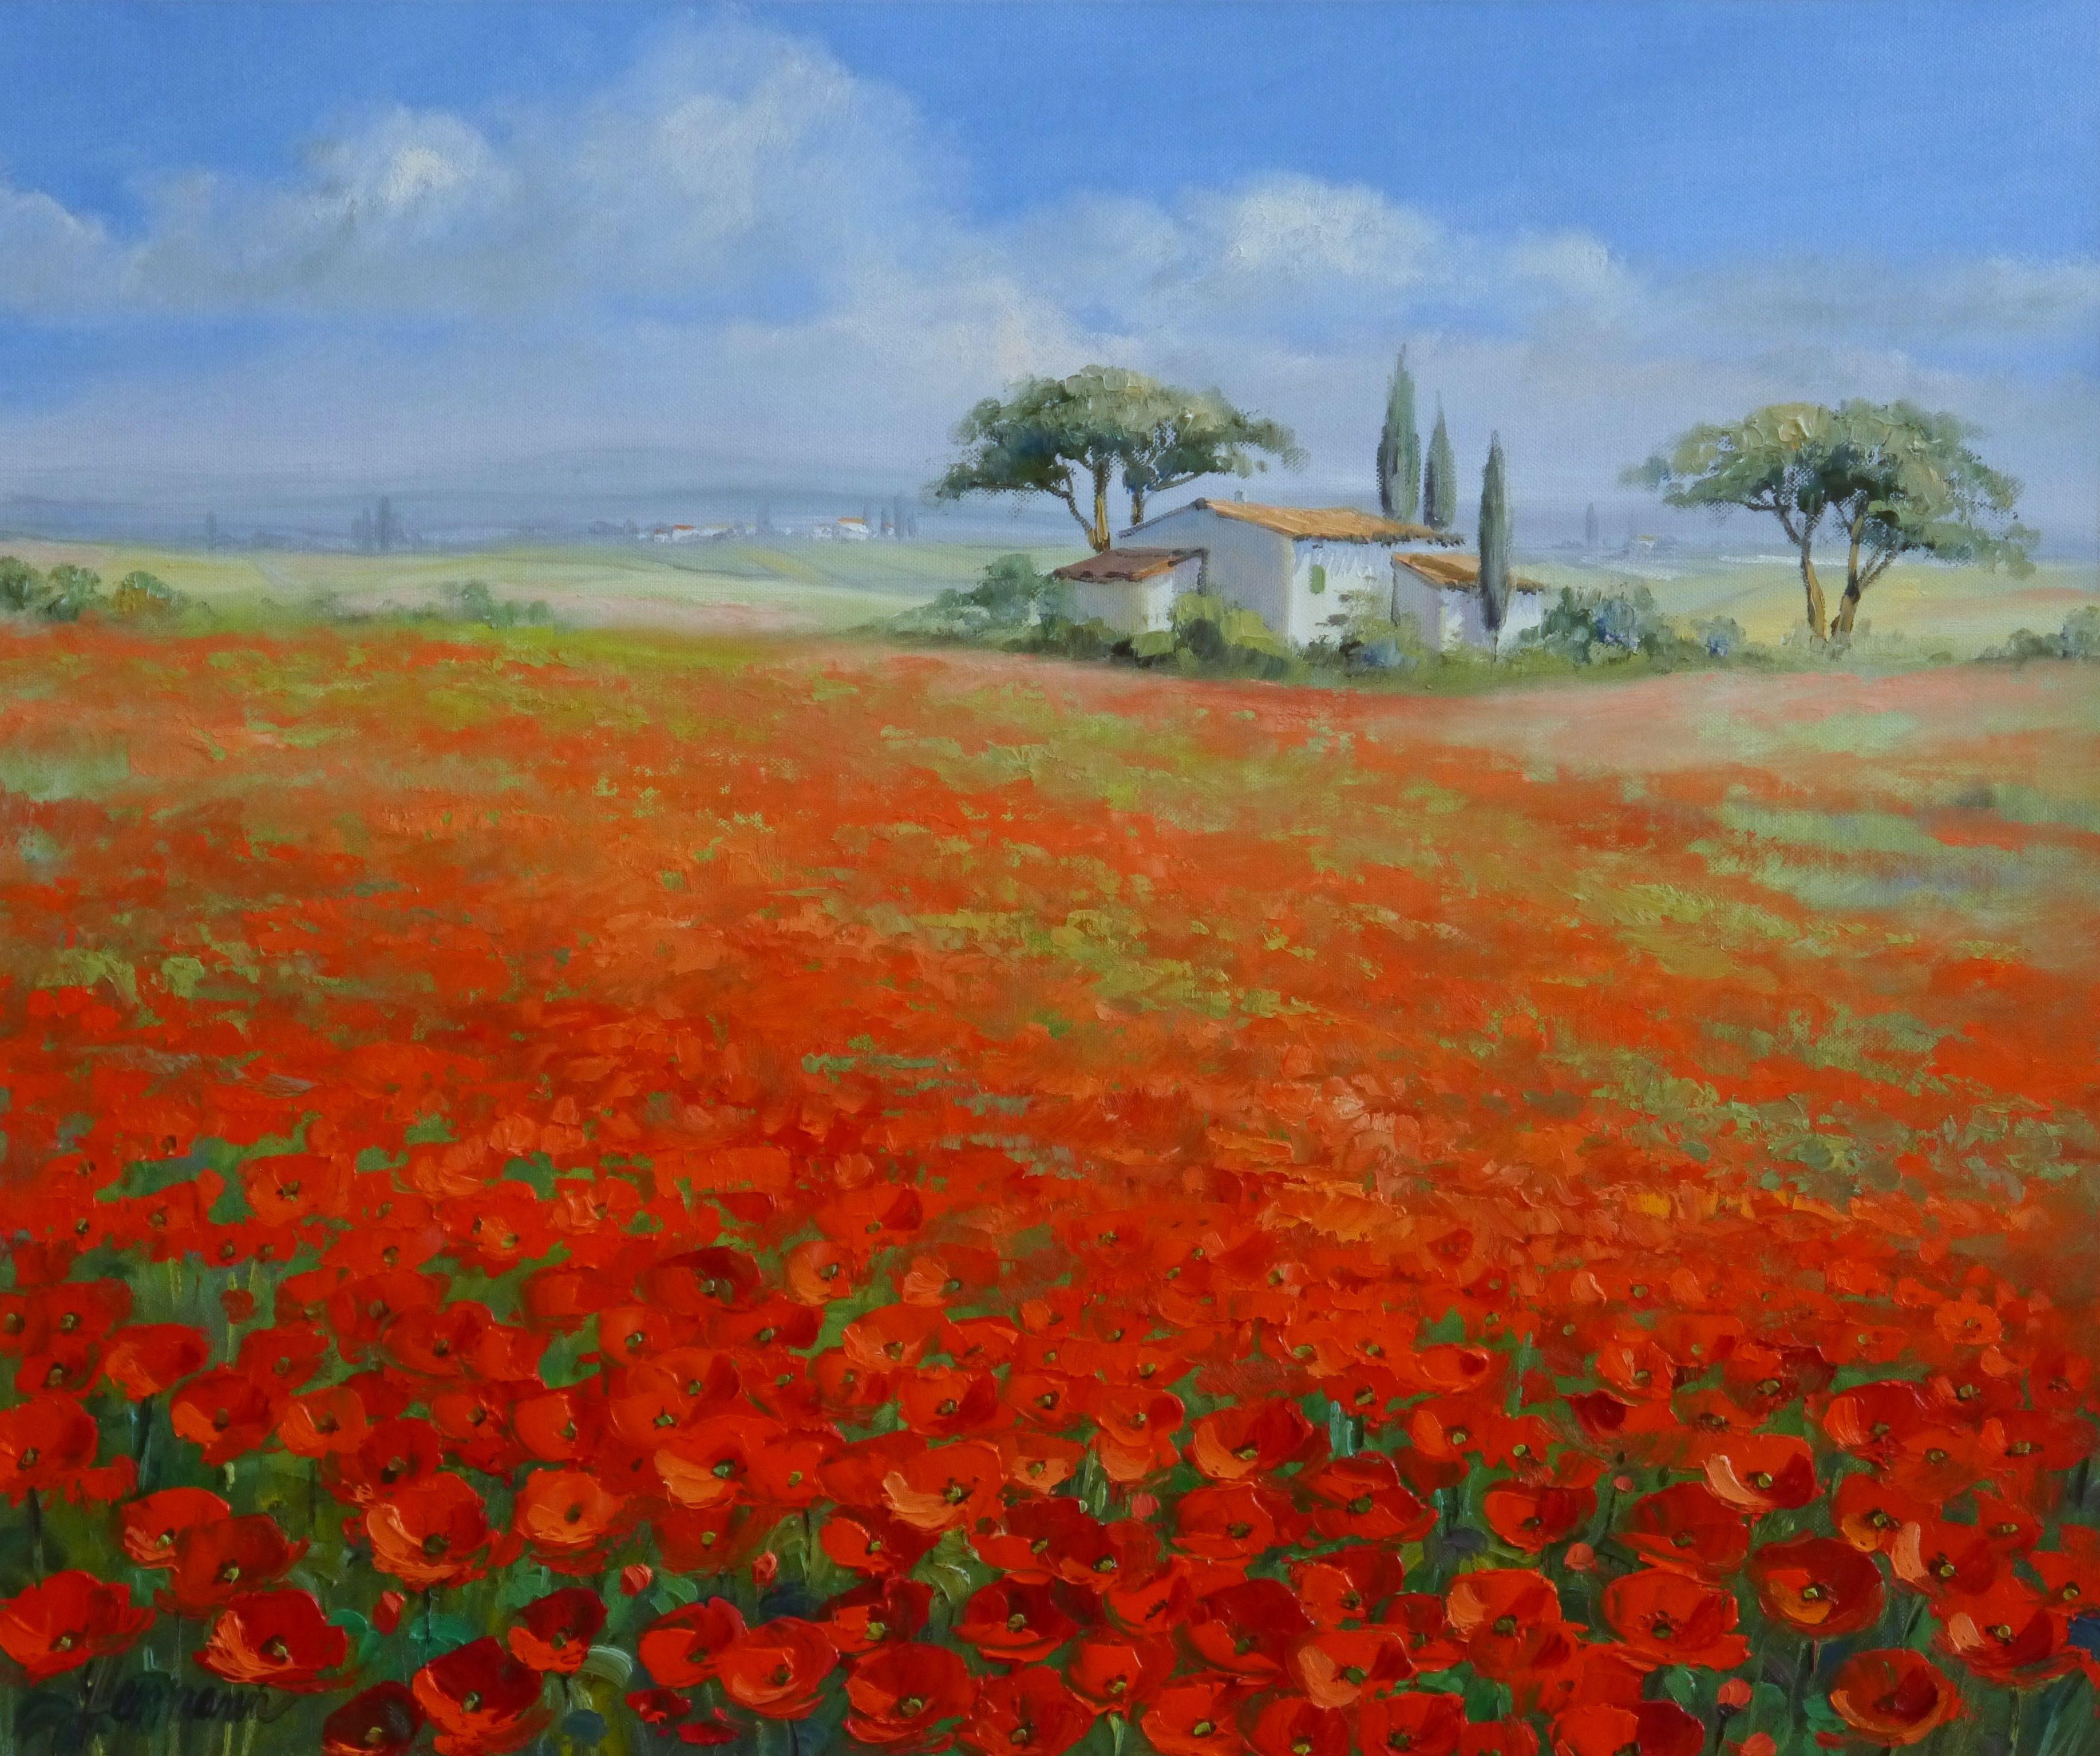 Landschaft Der Toskana Mit Rotem Mohn Gemalde Ol Auf Leinwand Von Ute Herrmann Www Ute Herrmann Kunstmalerin De Landschaften Malen Blumen Gemalde Gemalde